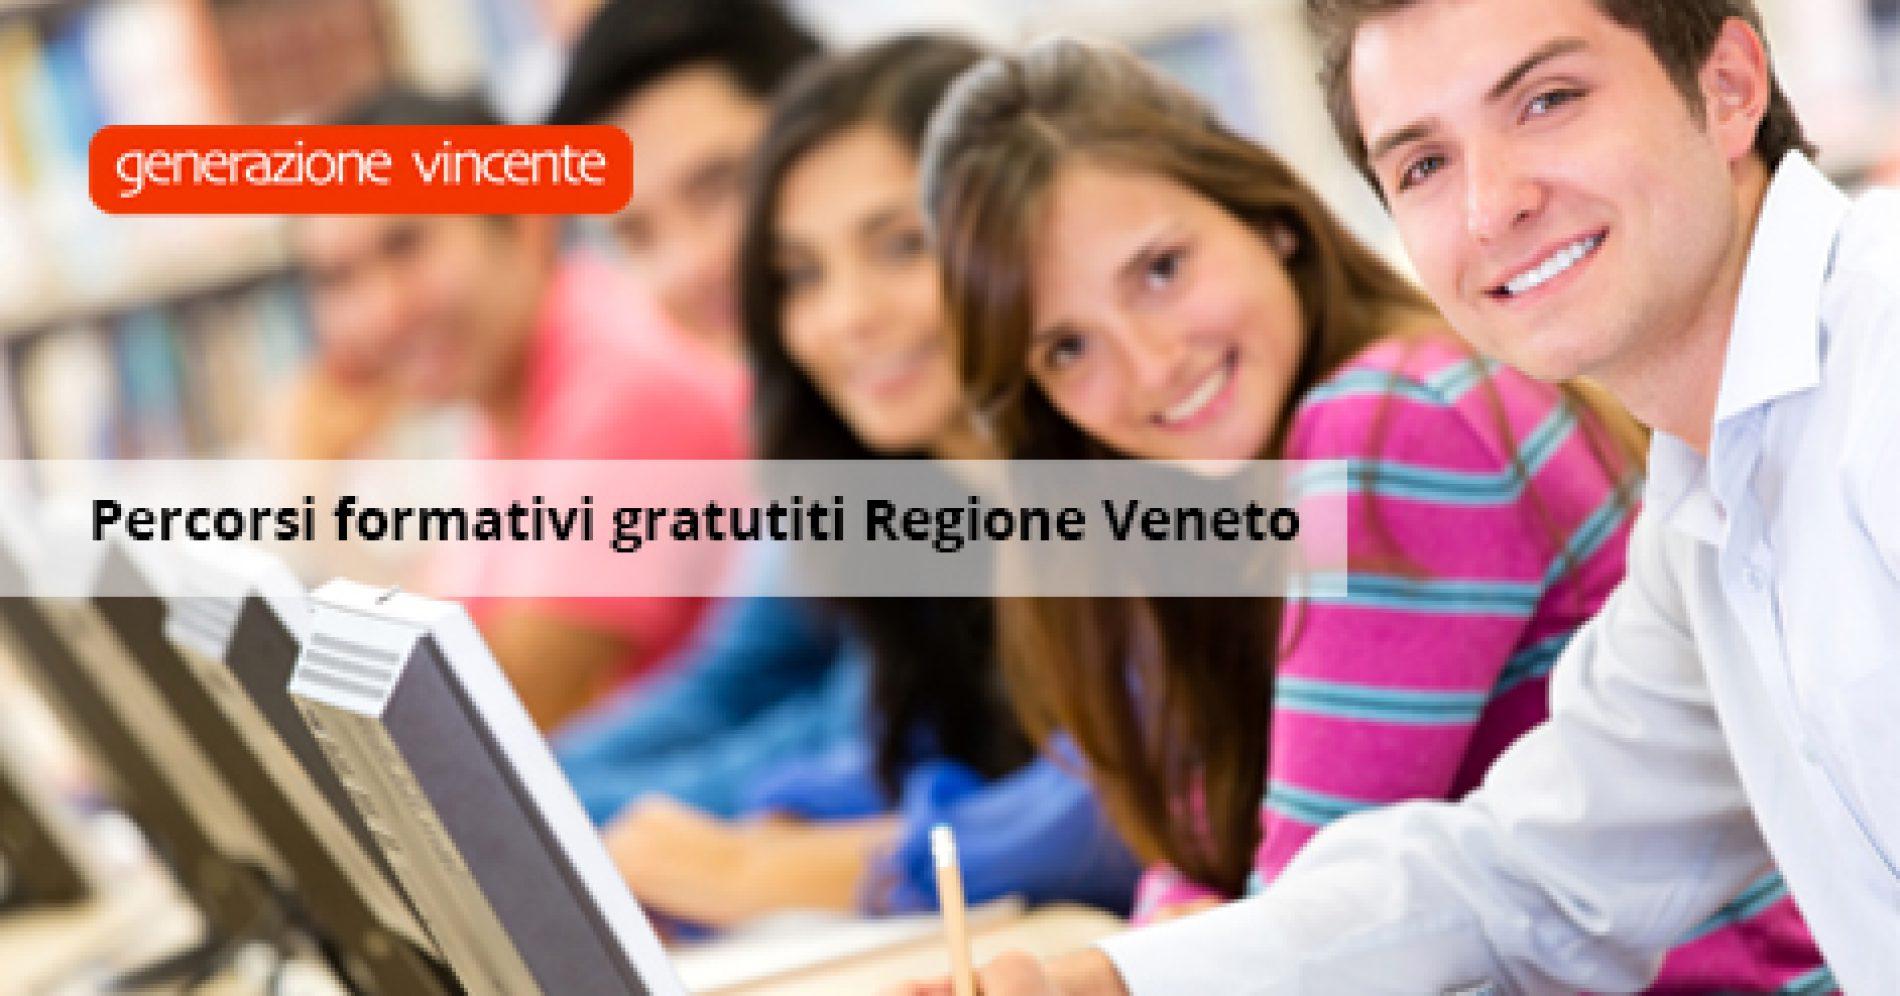 POR Fondo Sociale Europeo – Verona | SPECIALISTI DI PROTOTIPAZIONE VIRTUALE E B.I.M.  (Building Information Modeling)